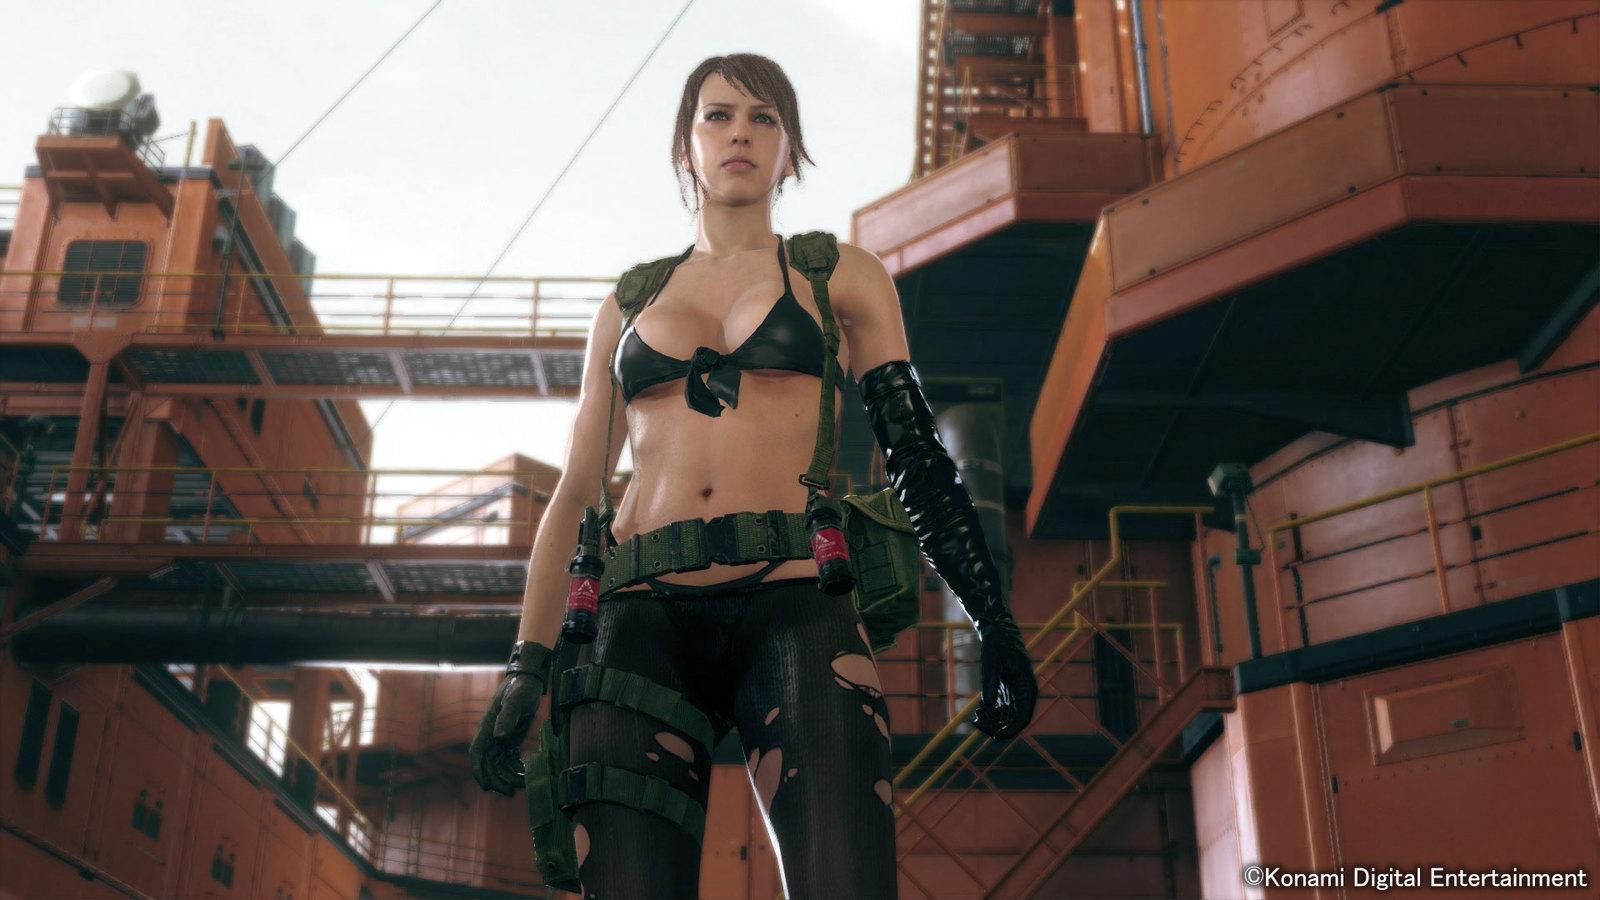 Сексуальный персонаж в игре